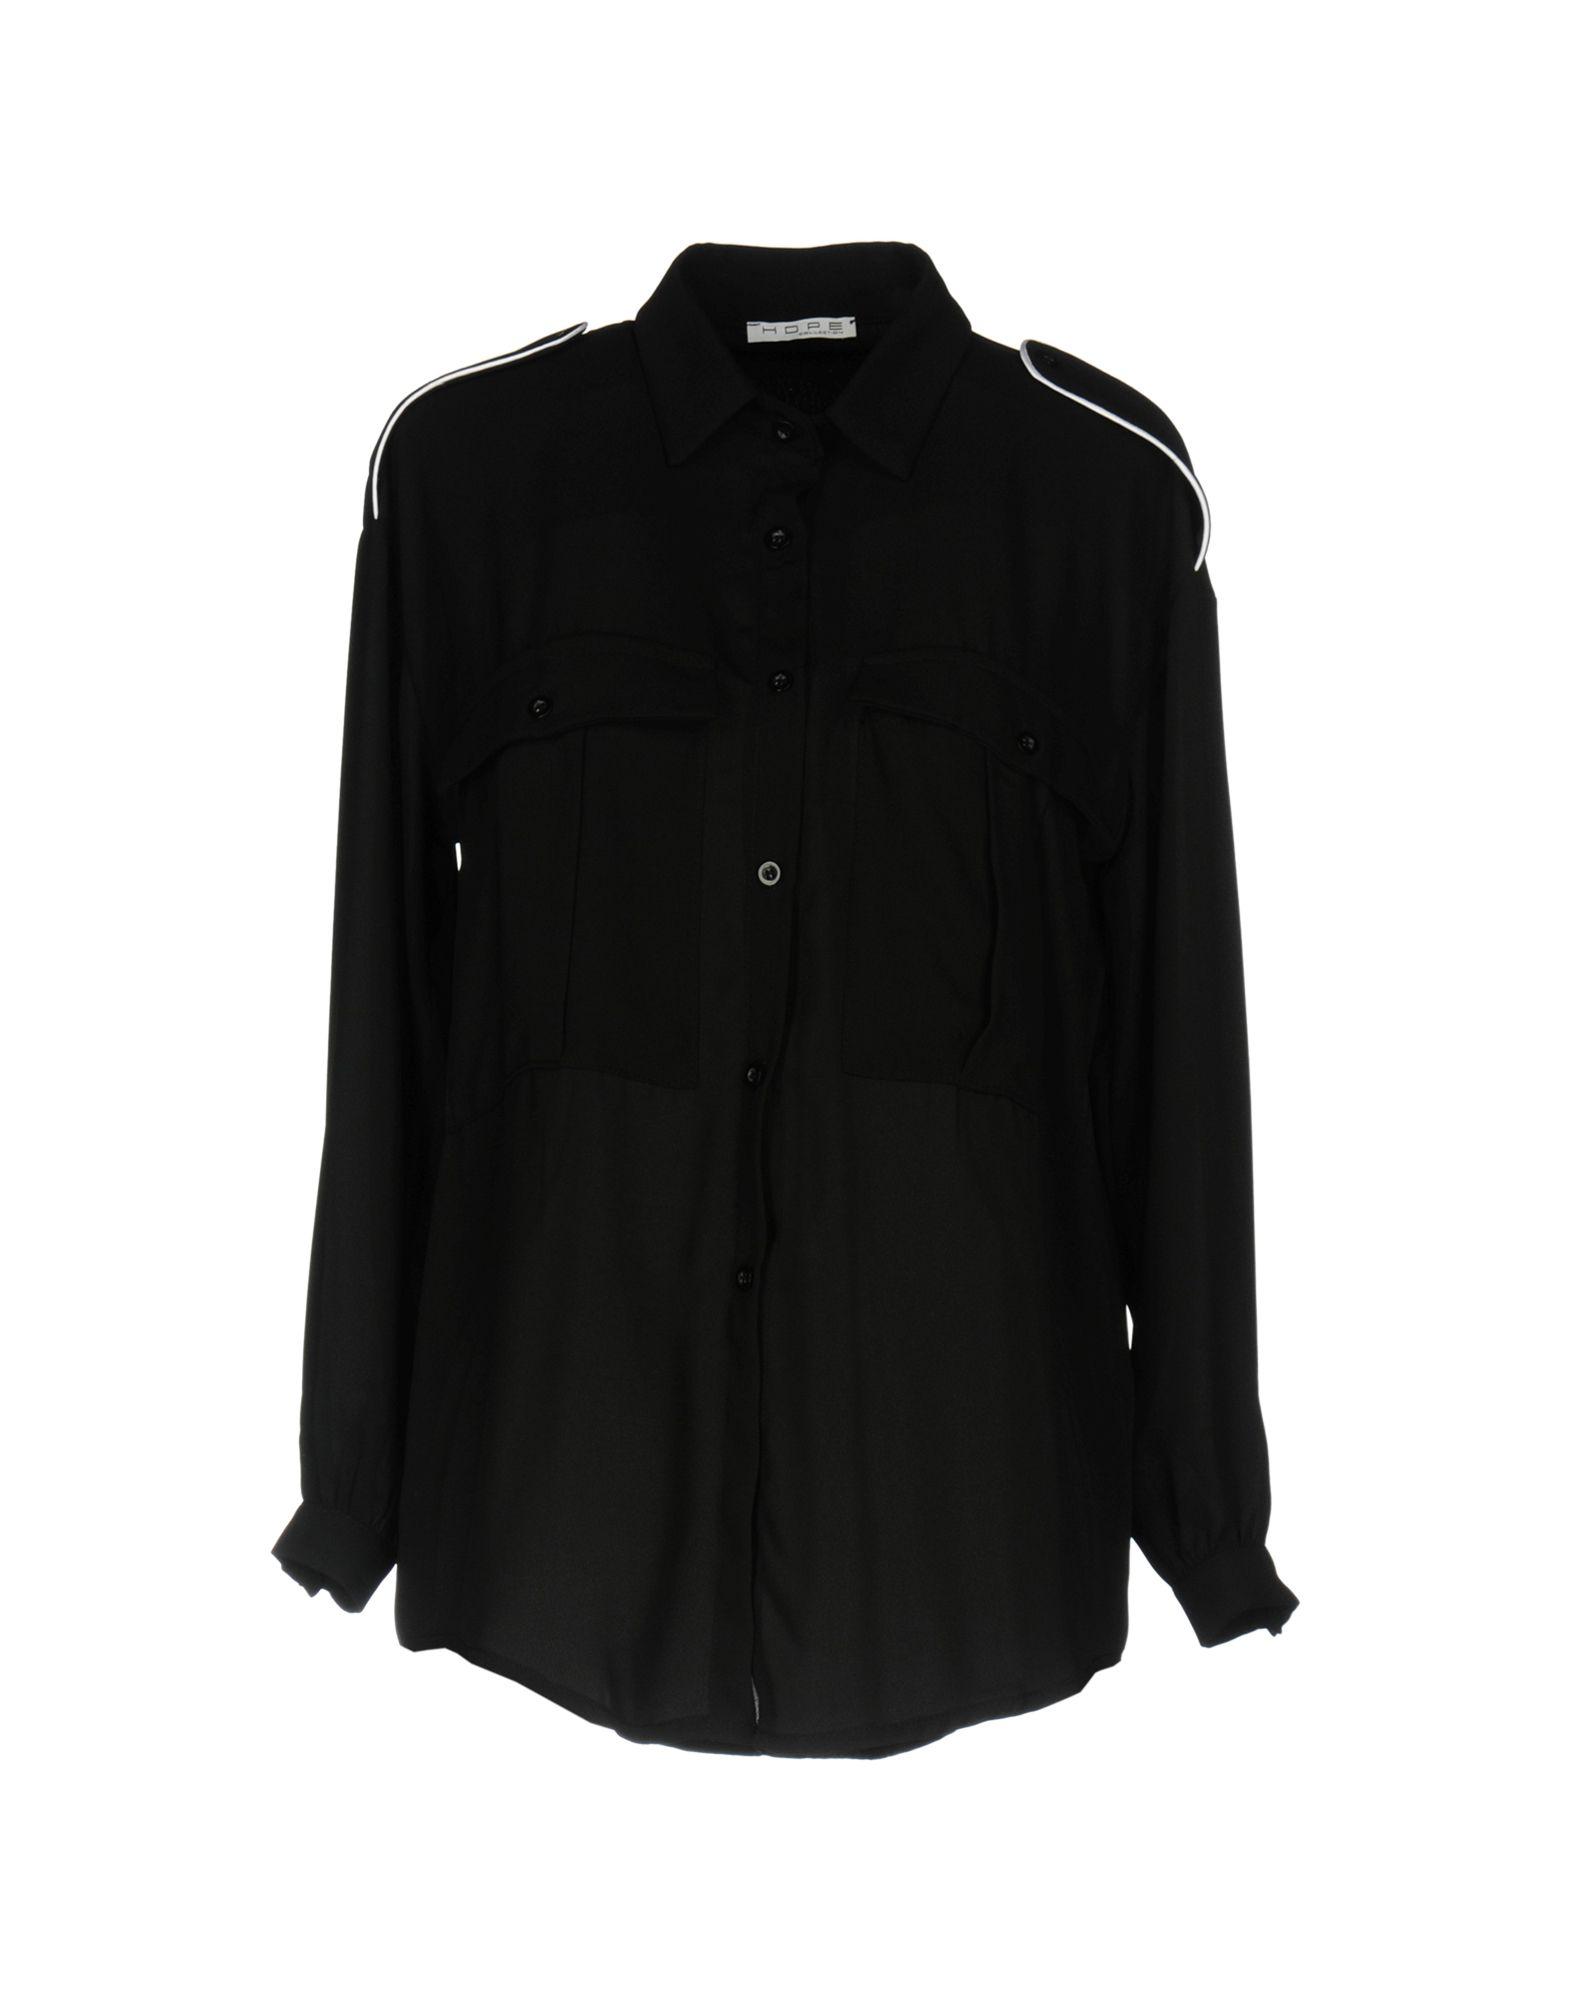 купить HOPE COLLECTION Pубашка по цене 11750 рублей